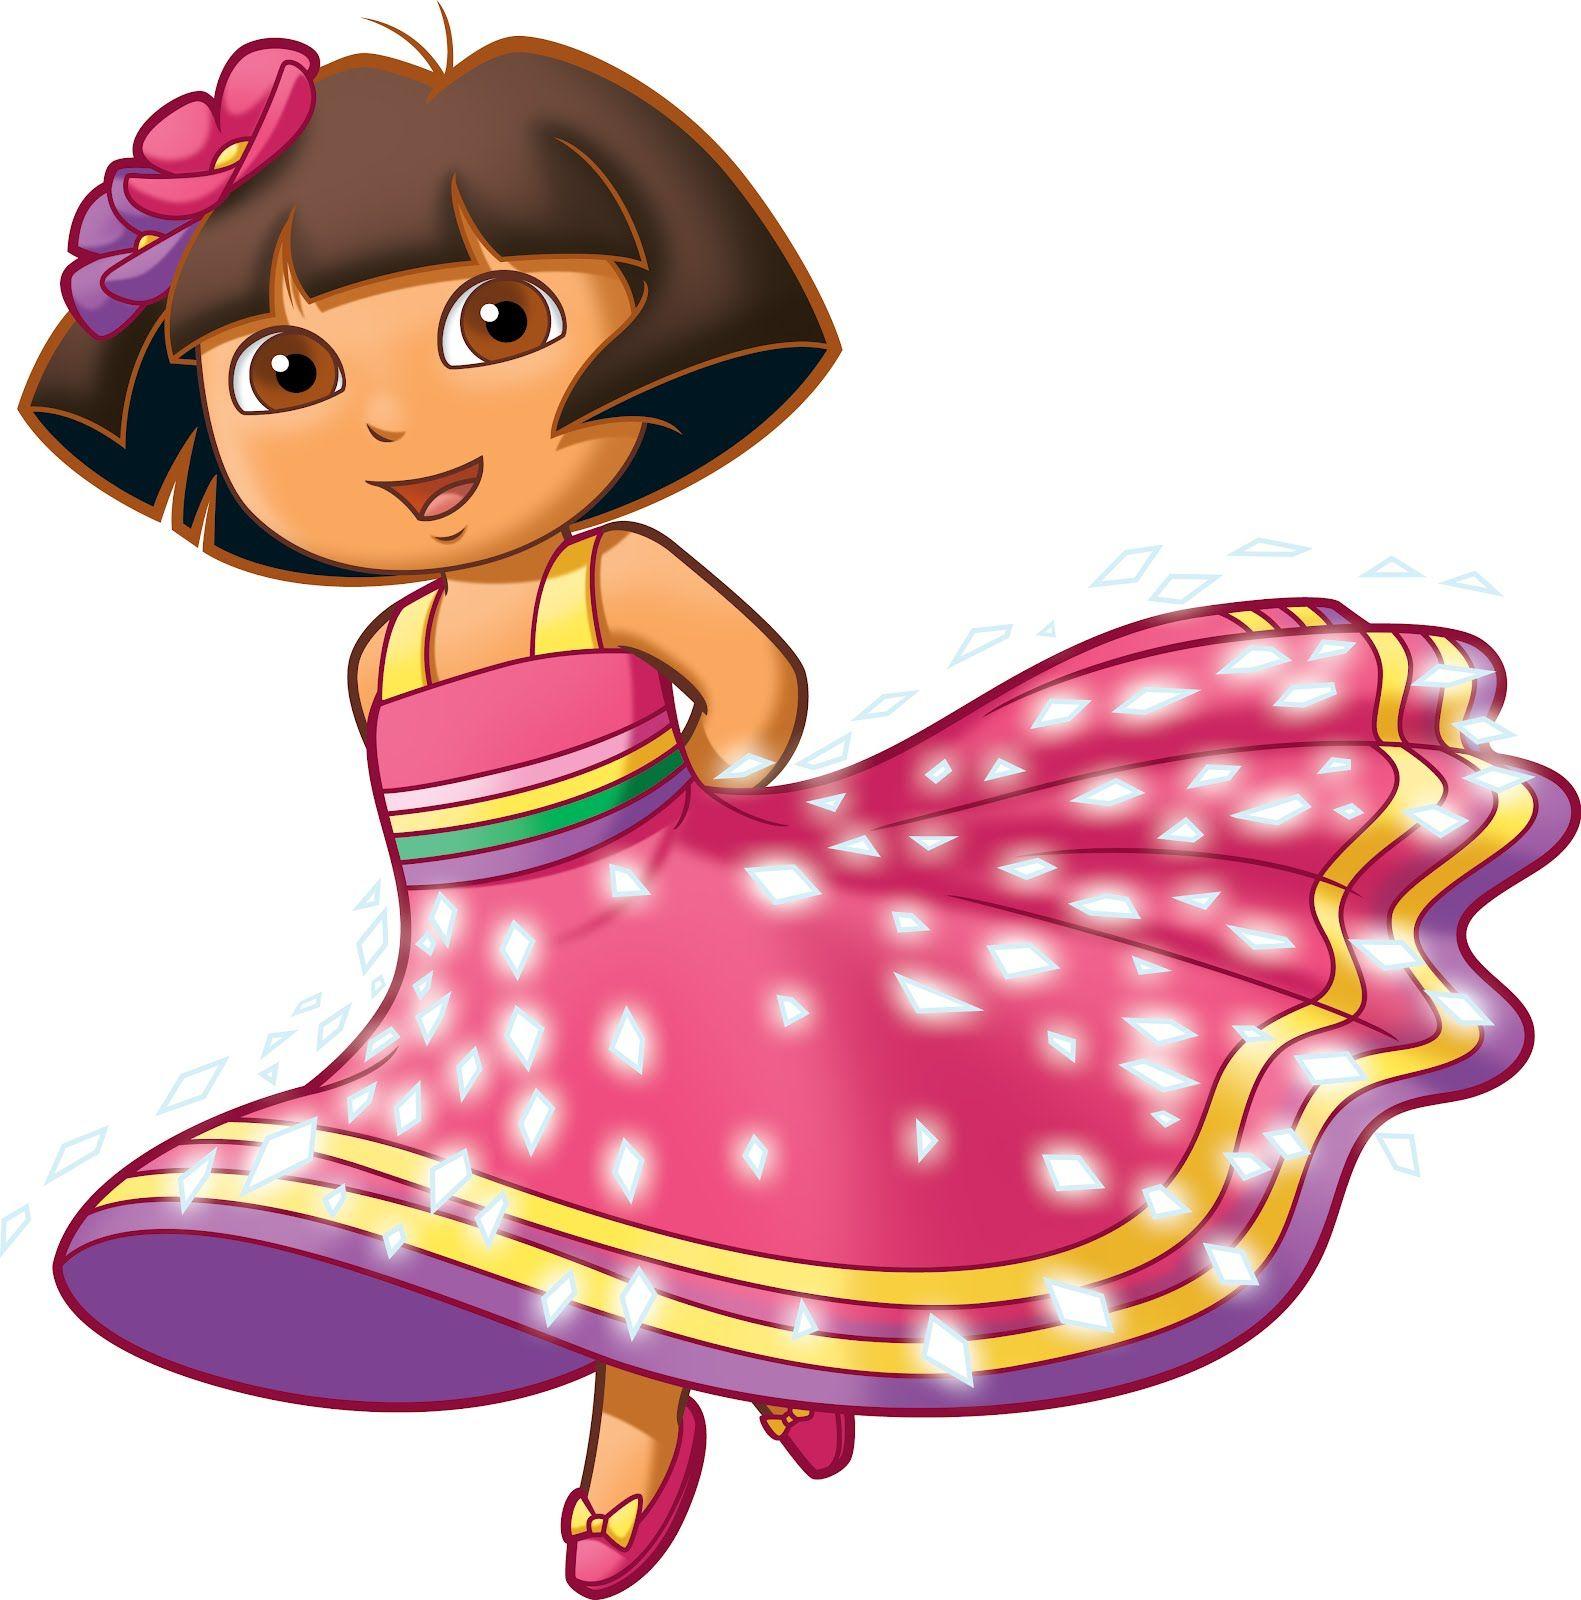 Dora the explorer nick jr princess dora the explorer queen royal junior picture image - Princesse dora ...